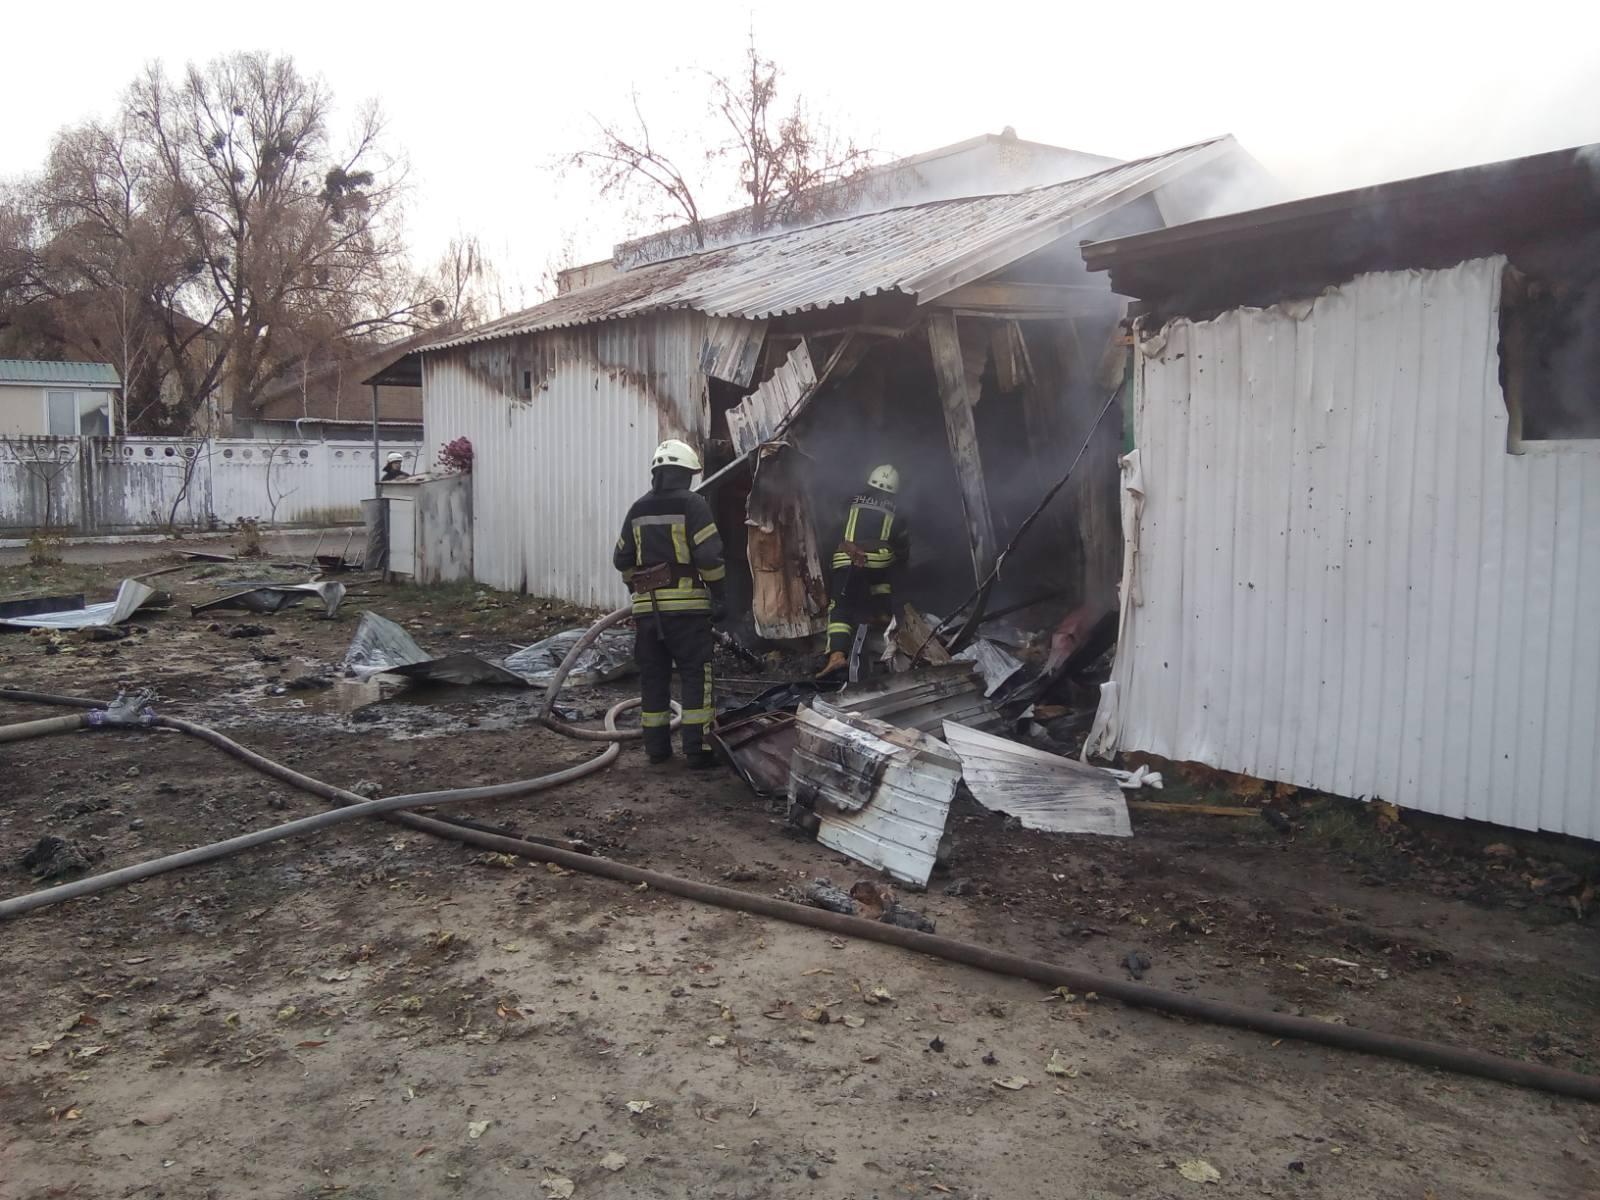 Novosil-travmy-3 Жінка отримала травми на пожежі в Новосілках: у Києво-Святошинському районі згоріли 3 споруди біля складу